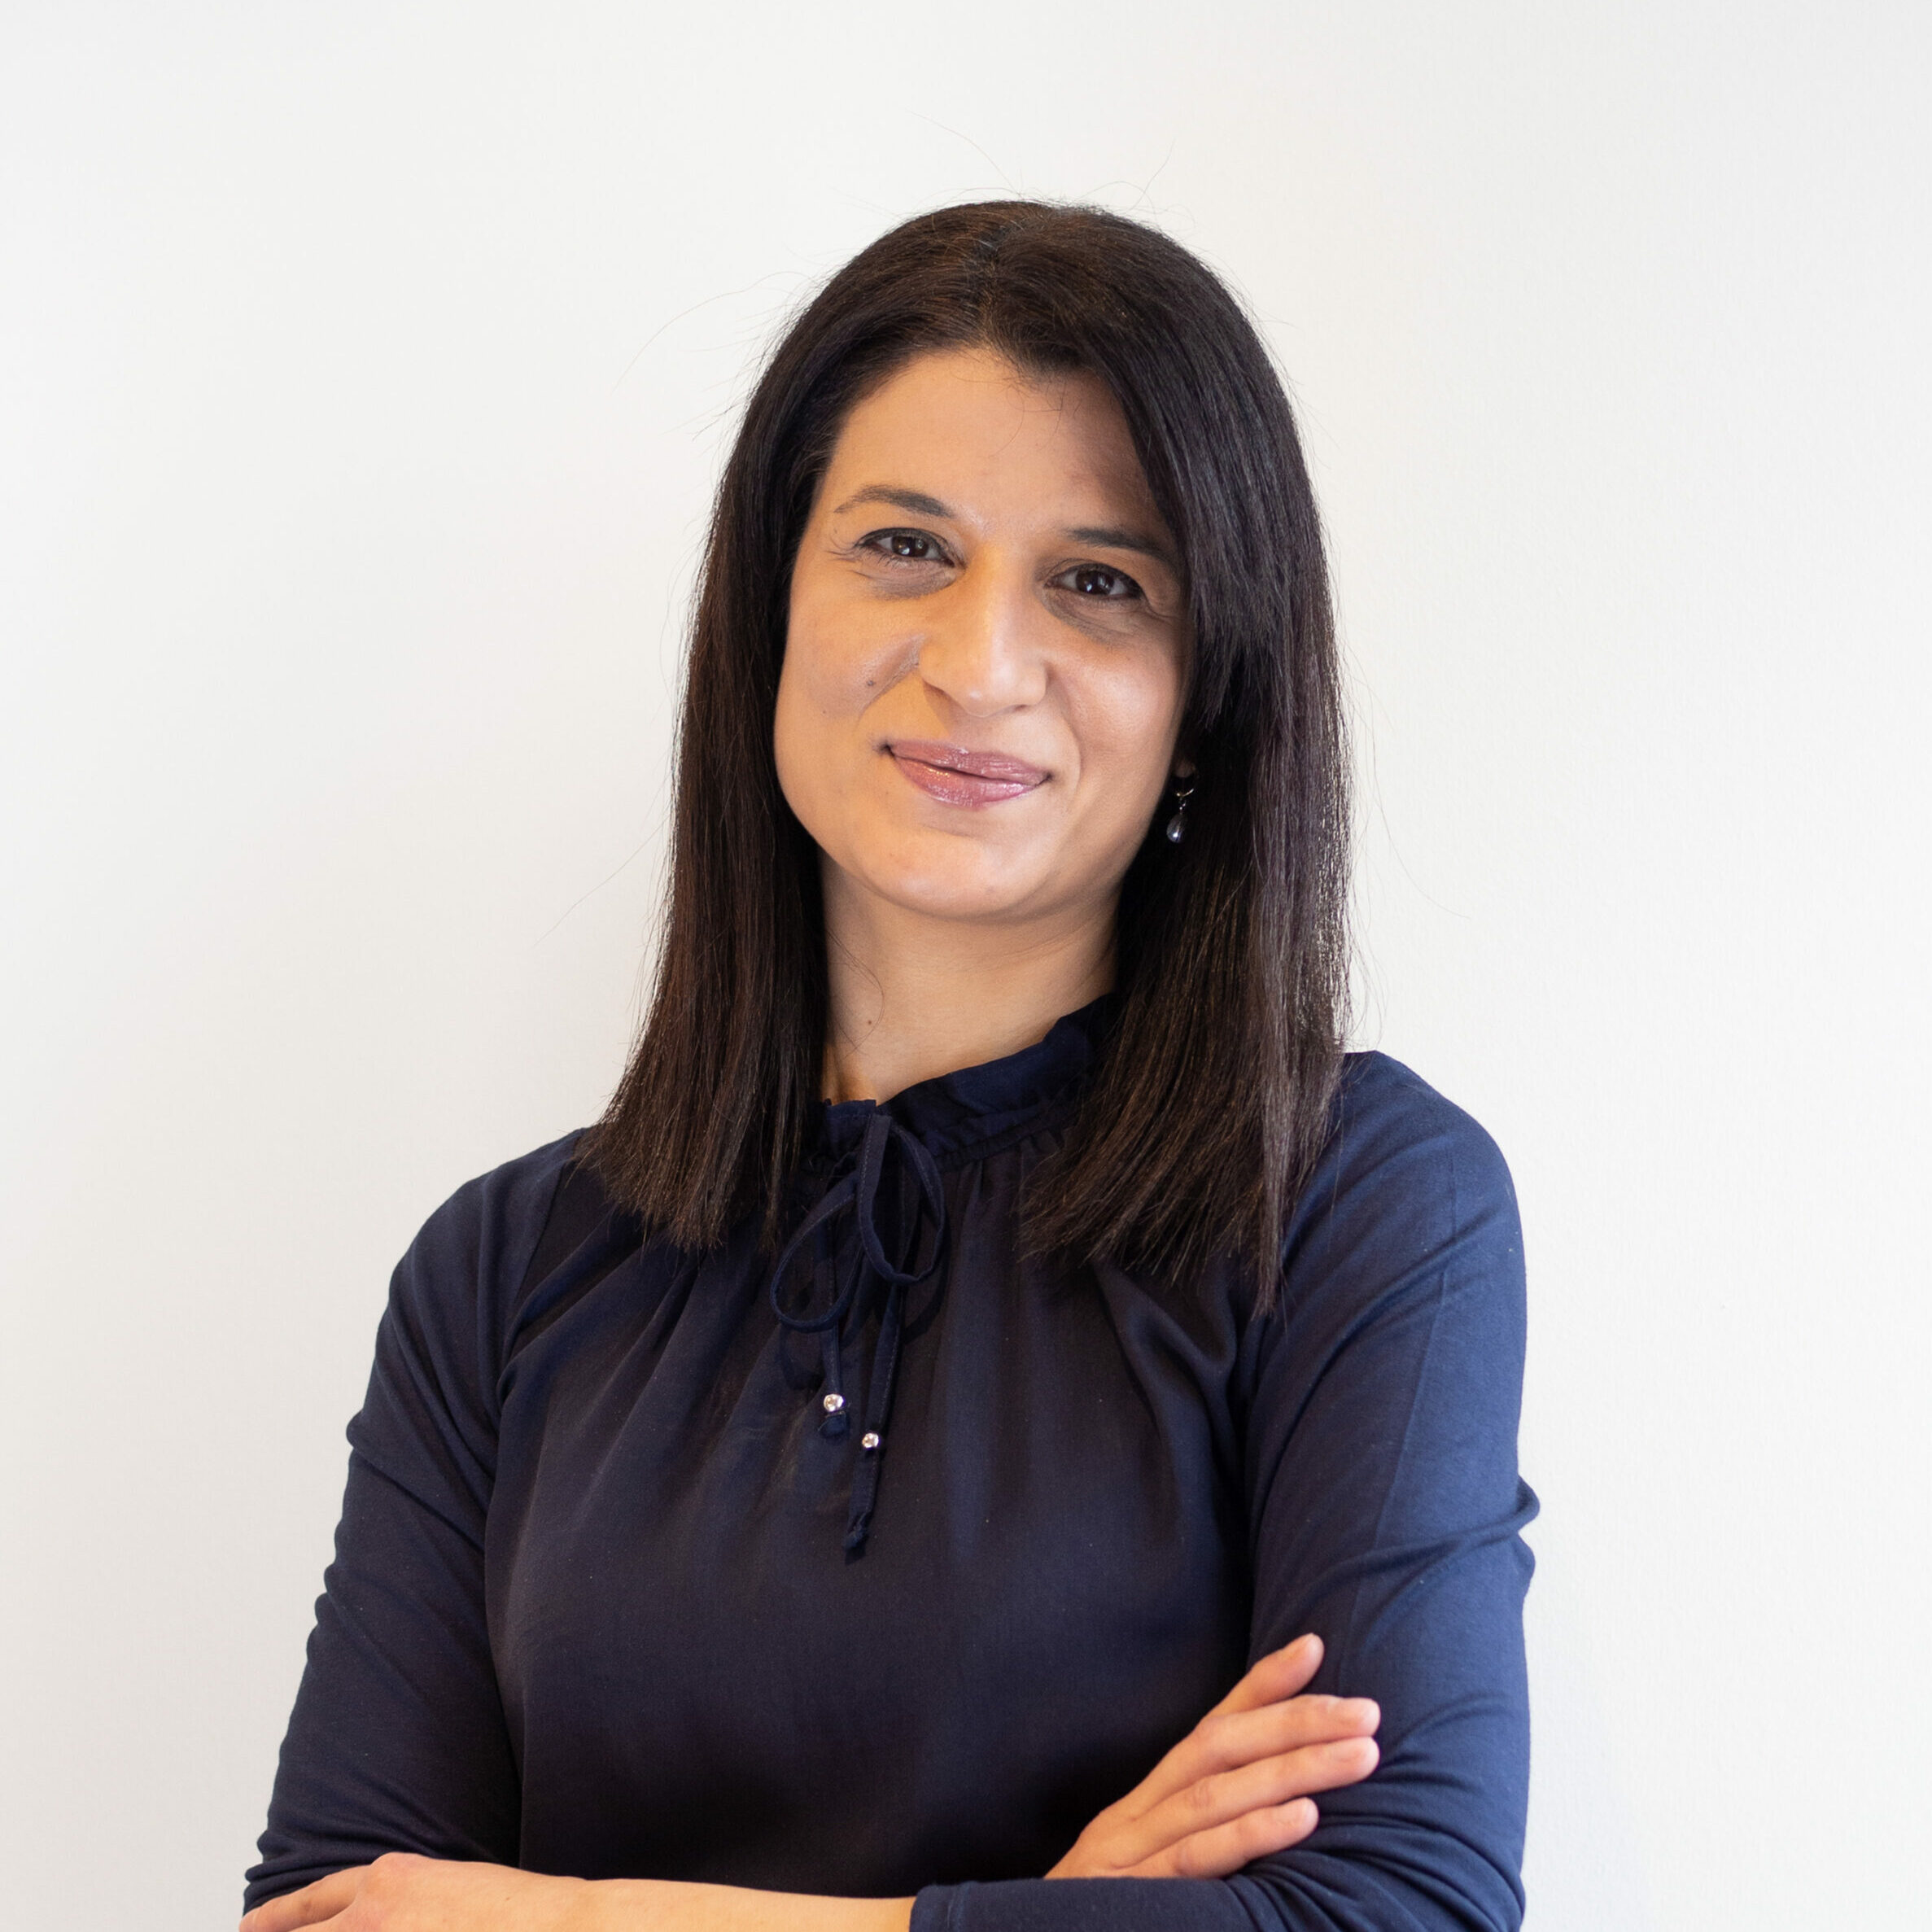 Das Foto zeigt Frau Sofia Antoniou, Ärztin des Endomedicums in Düsseldorf. Fachärztin für Innere Medizin & Hormon- und Stoffwechselerkrankungen. Endokrinologin und Diabetologin